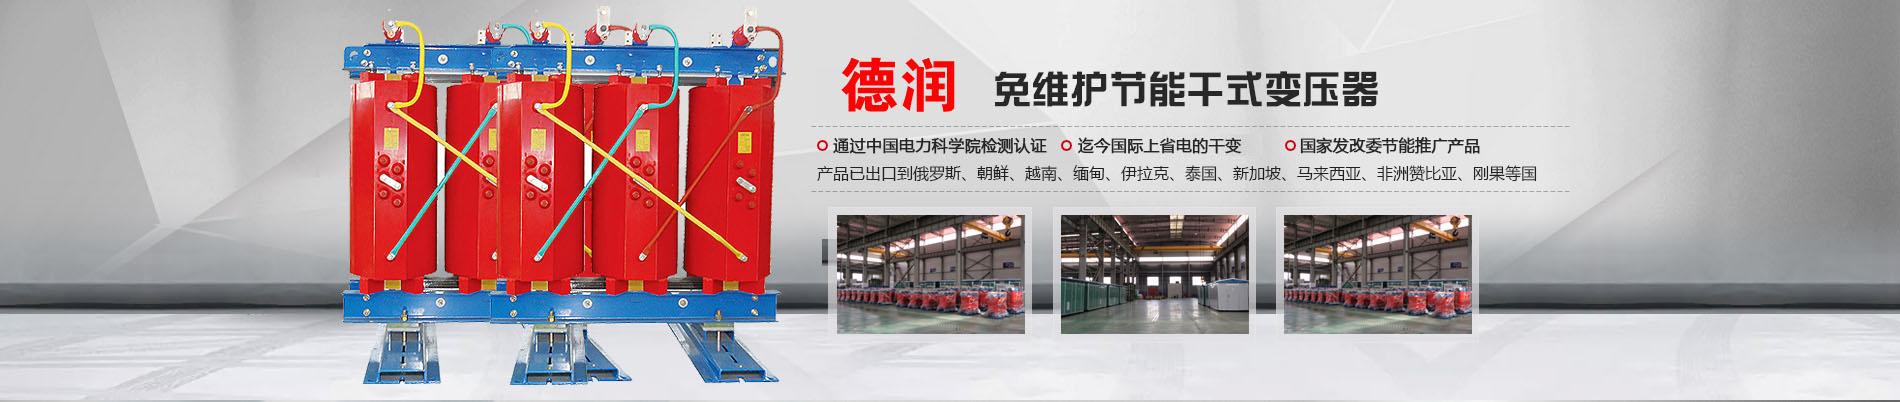 舟山干式变压器厂家